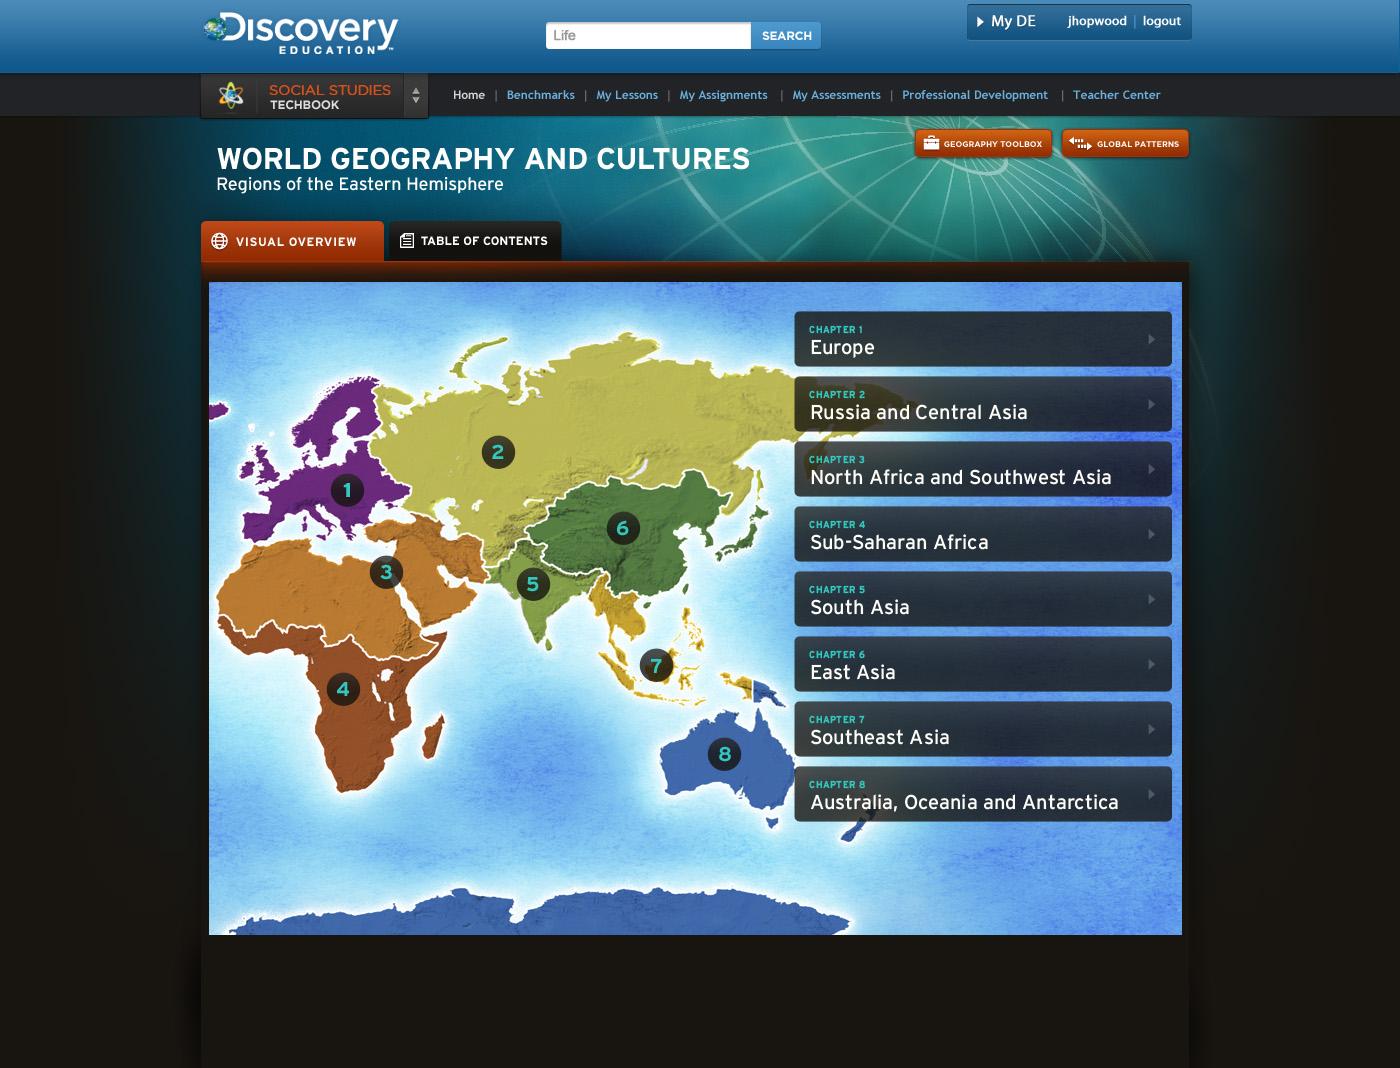 Наука и техника: Math Techbook: цифровой учебник по математике от Discovery Education